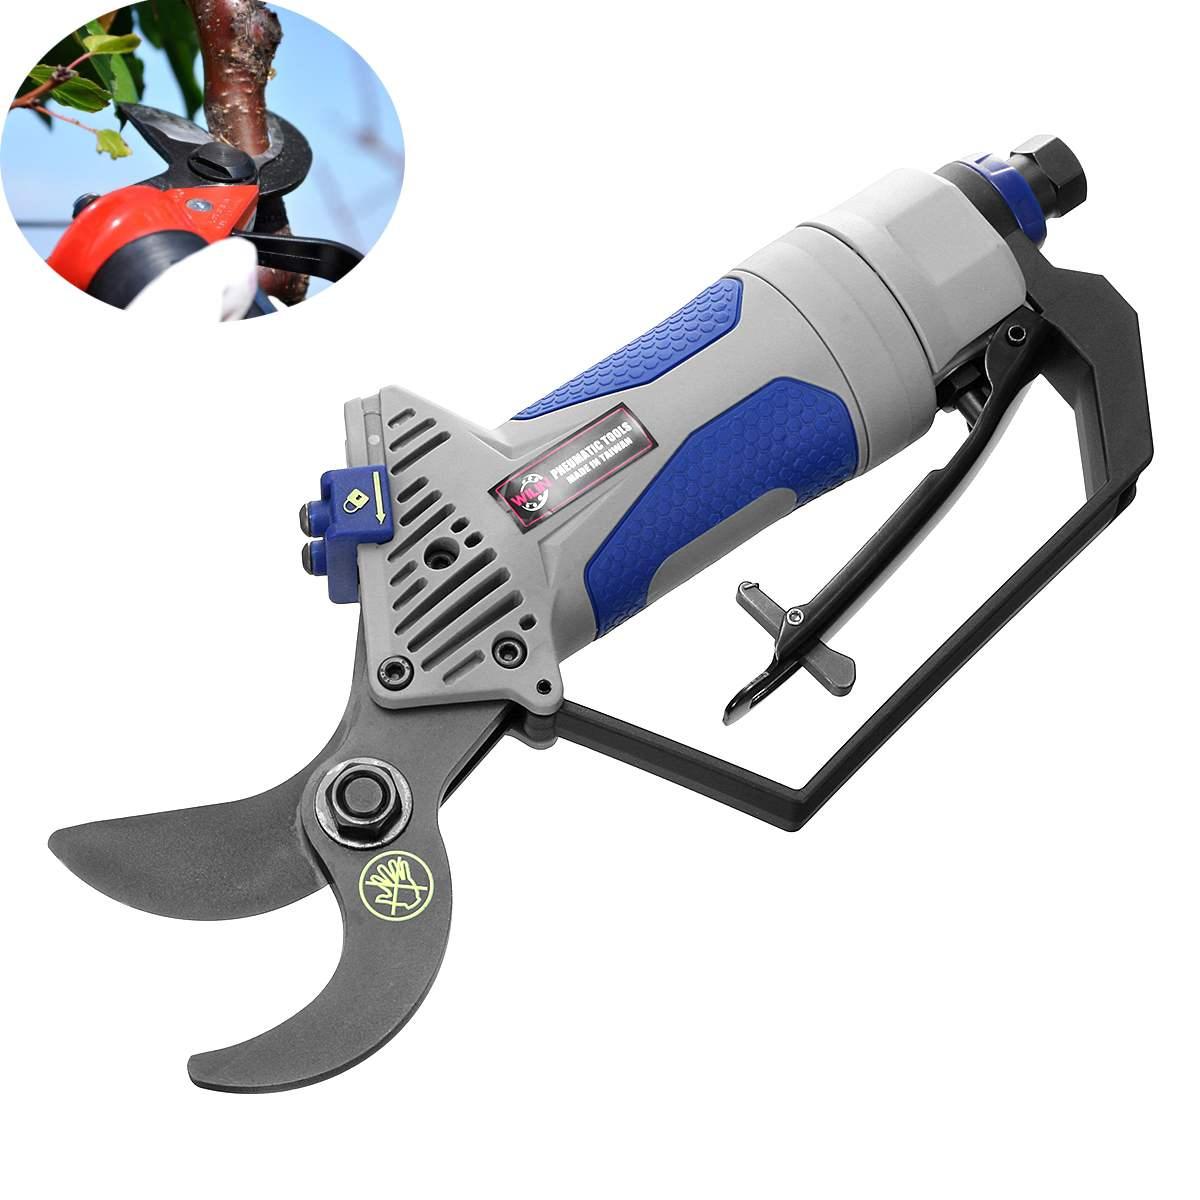 Tools Trim Pruners Garden Handheld Scissors Pruning Branches Air Grass Cutter Secateur Garden Yard Cutting Shears Pneumatic Tree